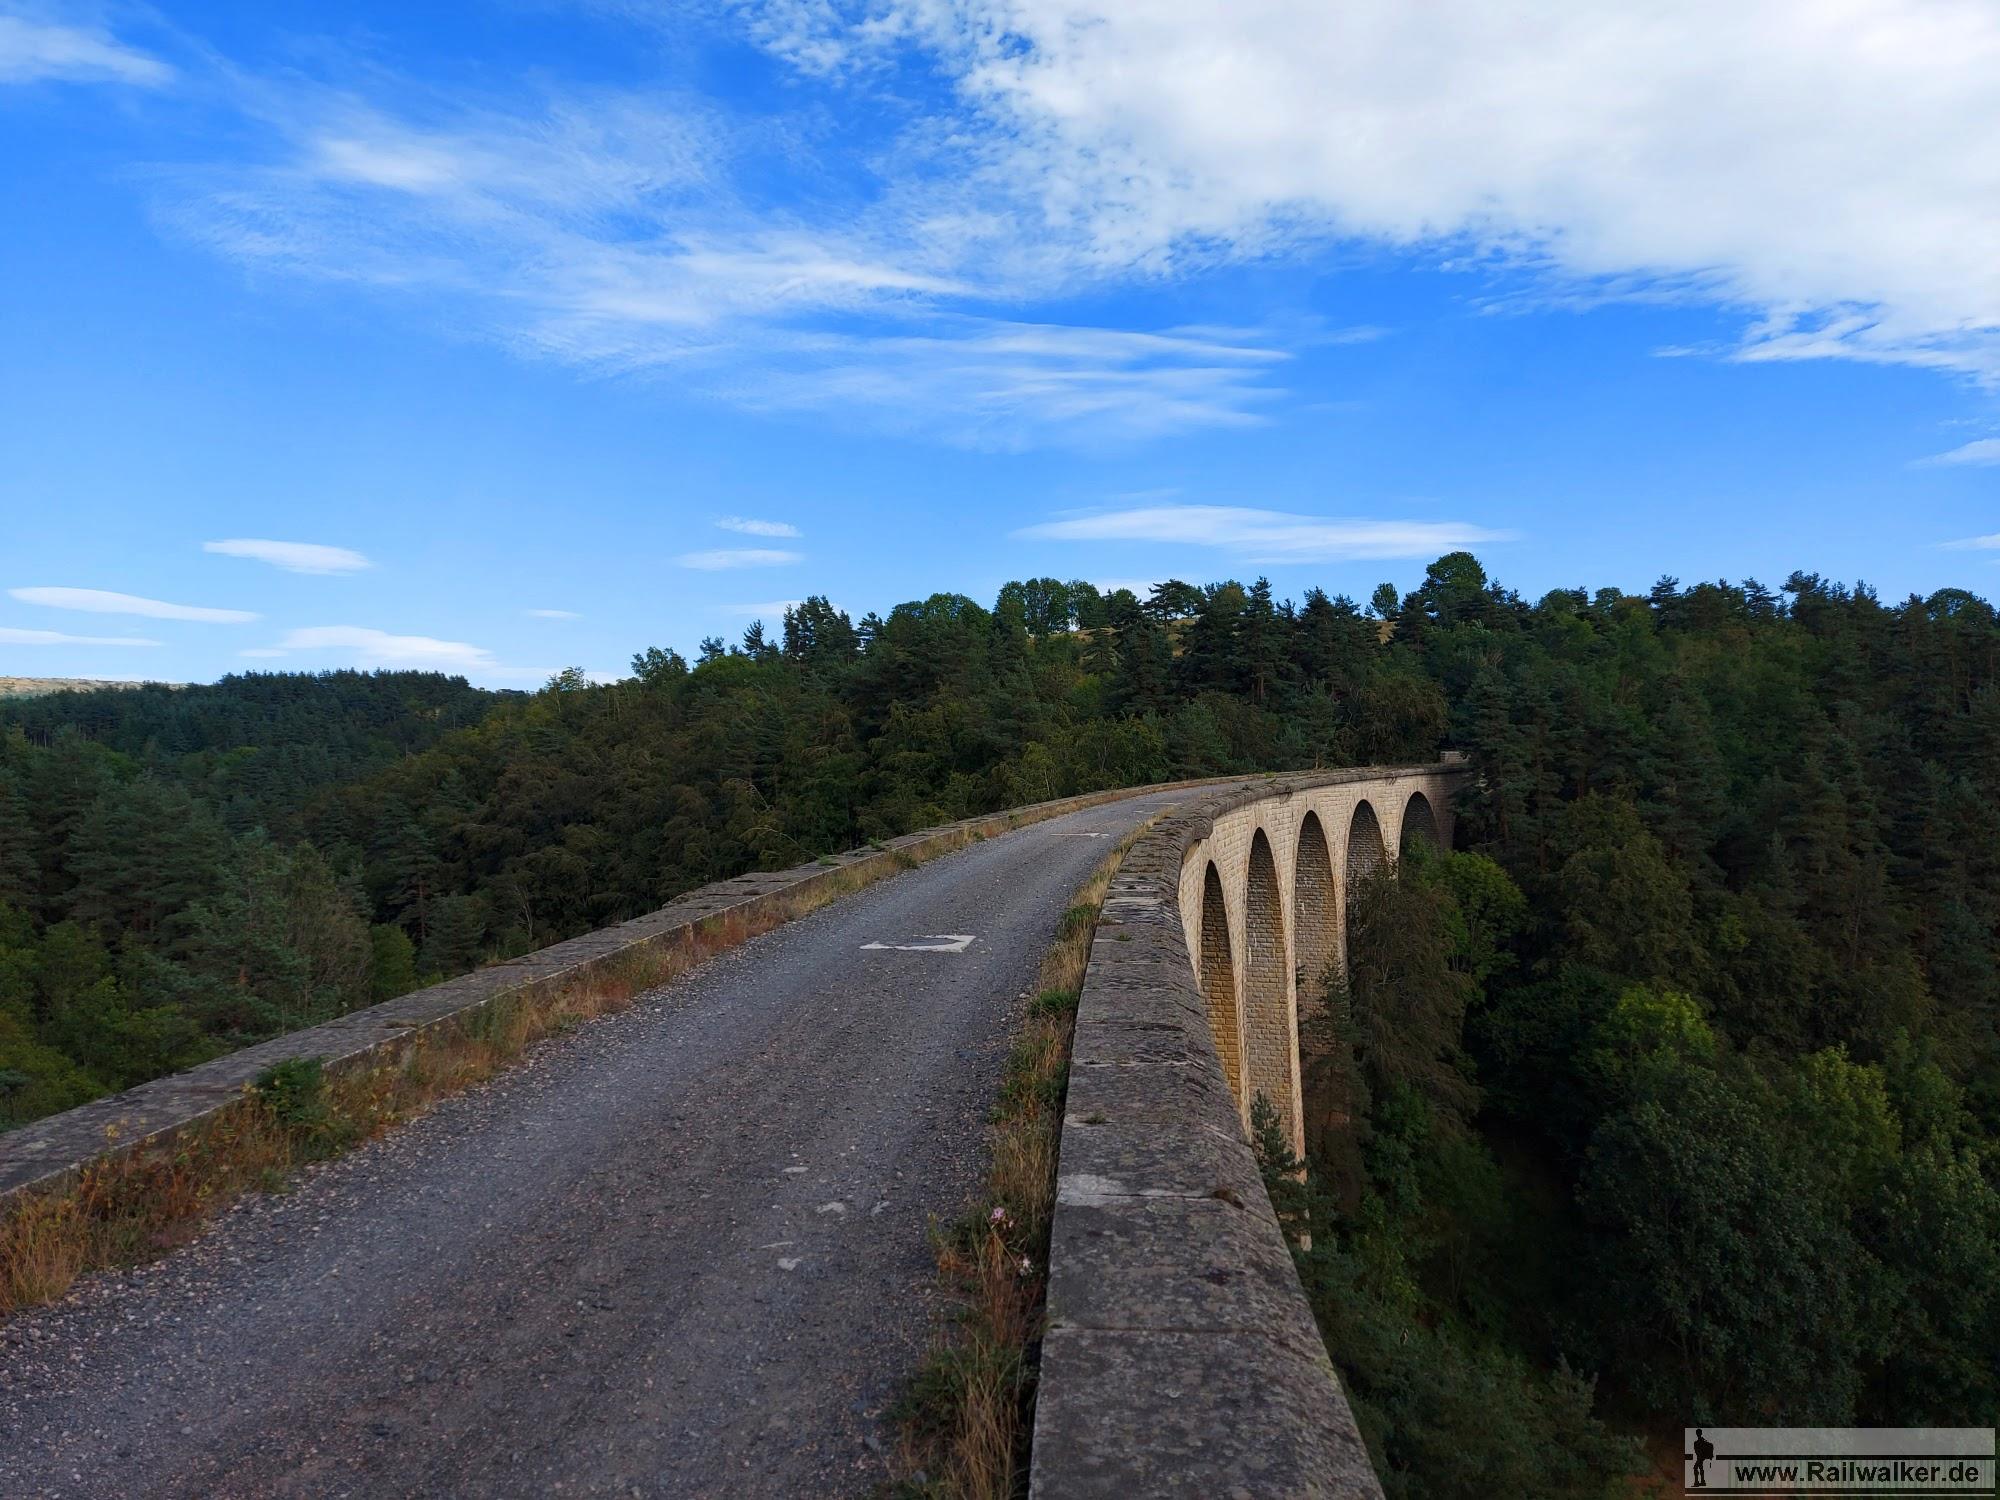 Das 158m lange Viaduc des Badioux. Wie auch alle anderen Viadukte fehlen bis heute die seitlichen Geländer. Besucher sollten also schon schwindelfrei sein.